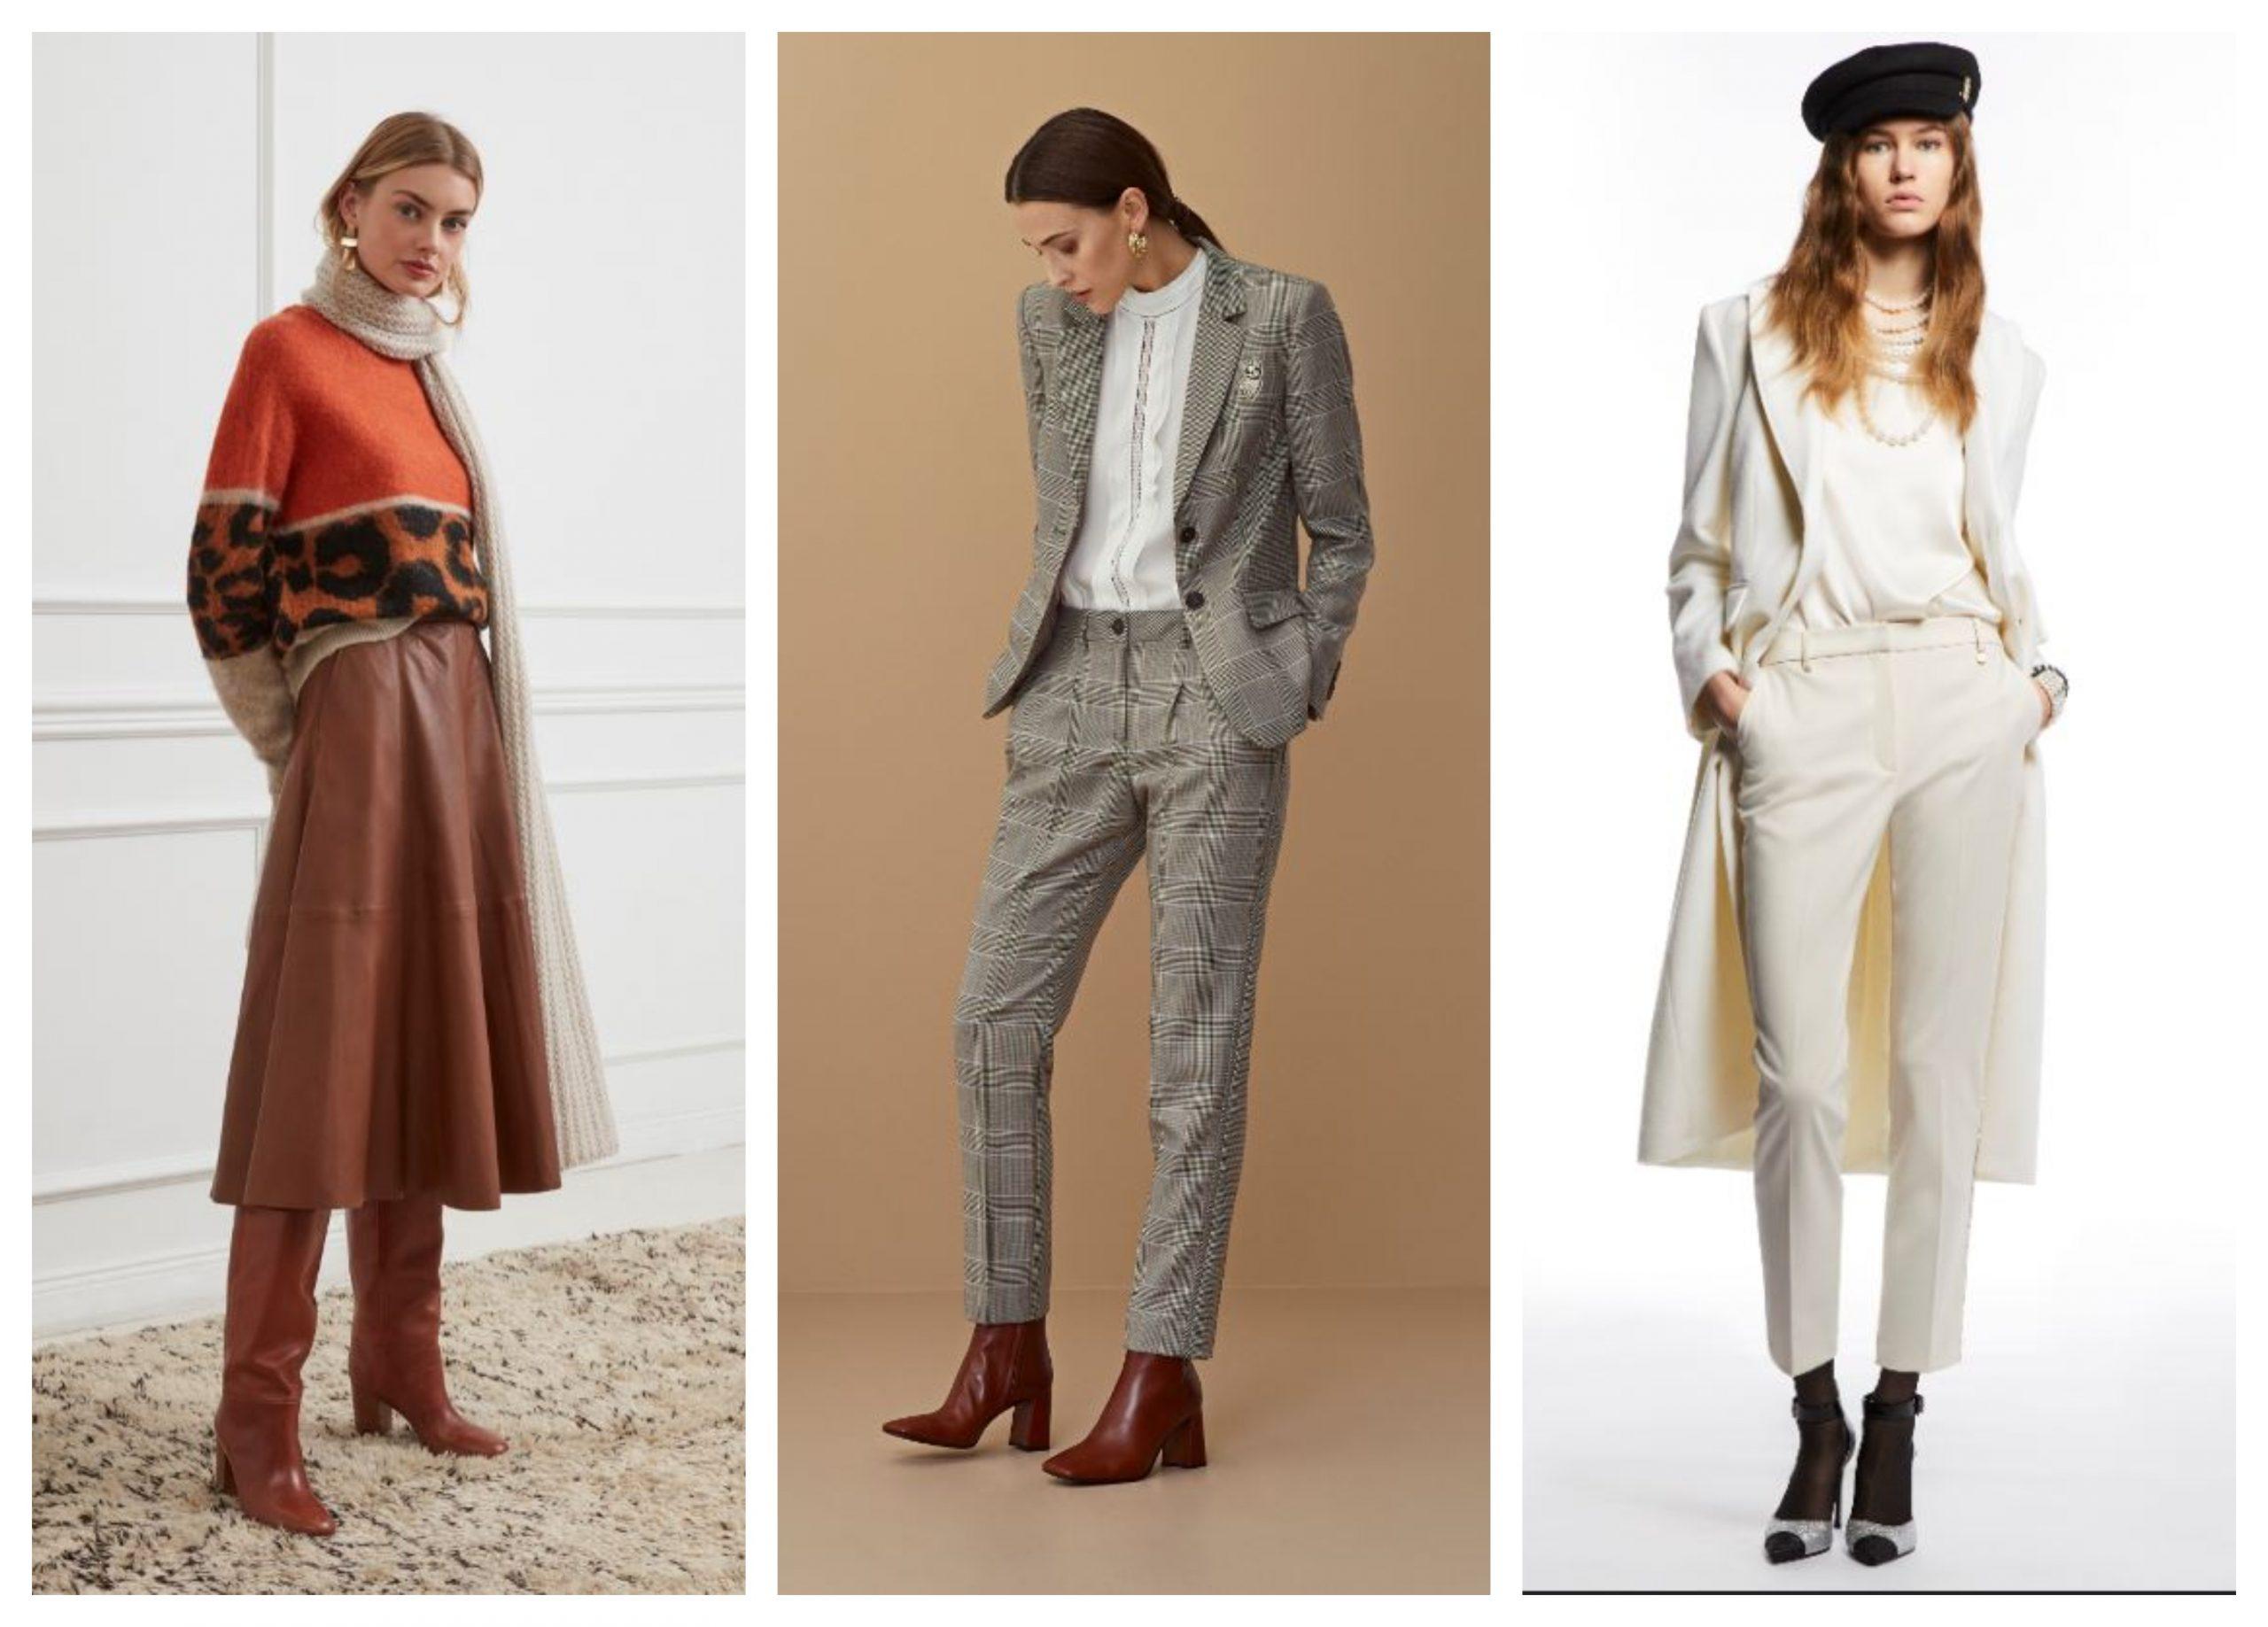 Temporada de moda invierno sorprende con contrastes llamativos